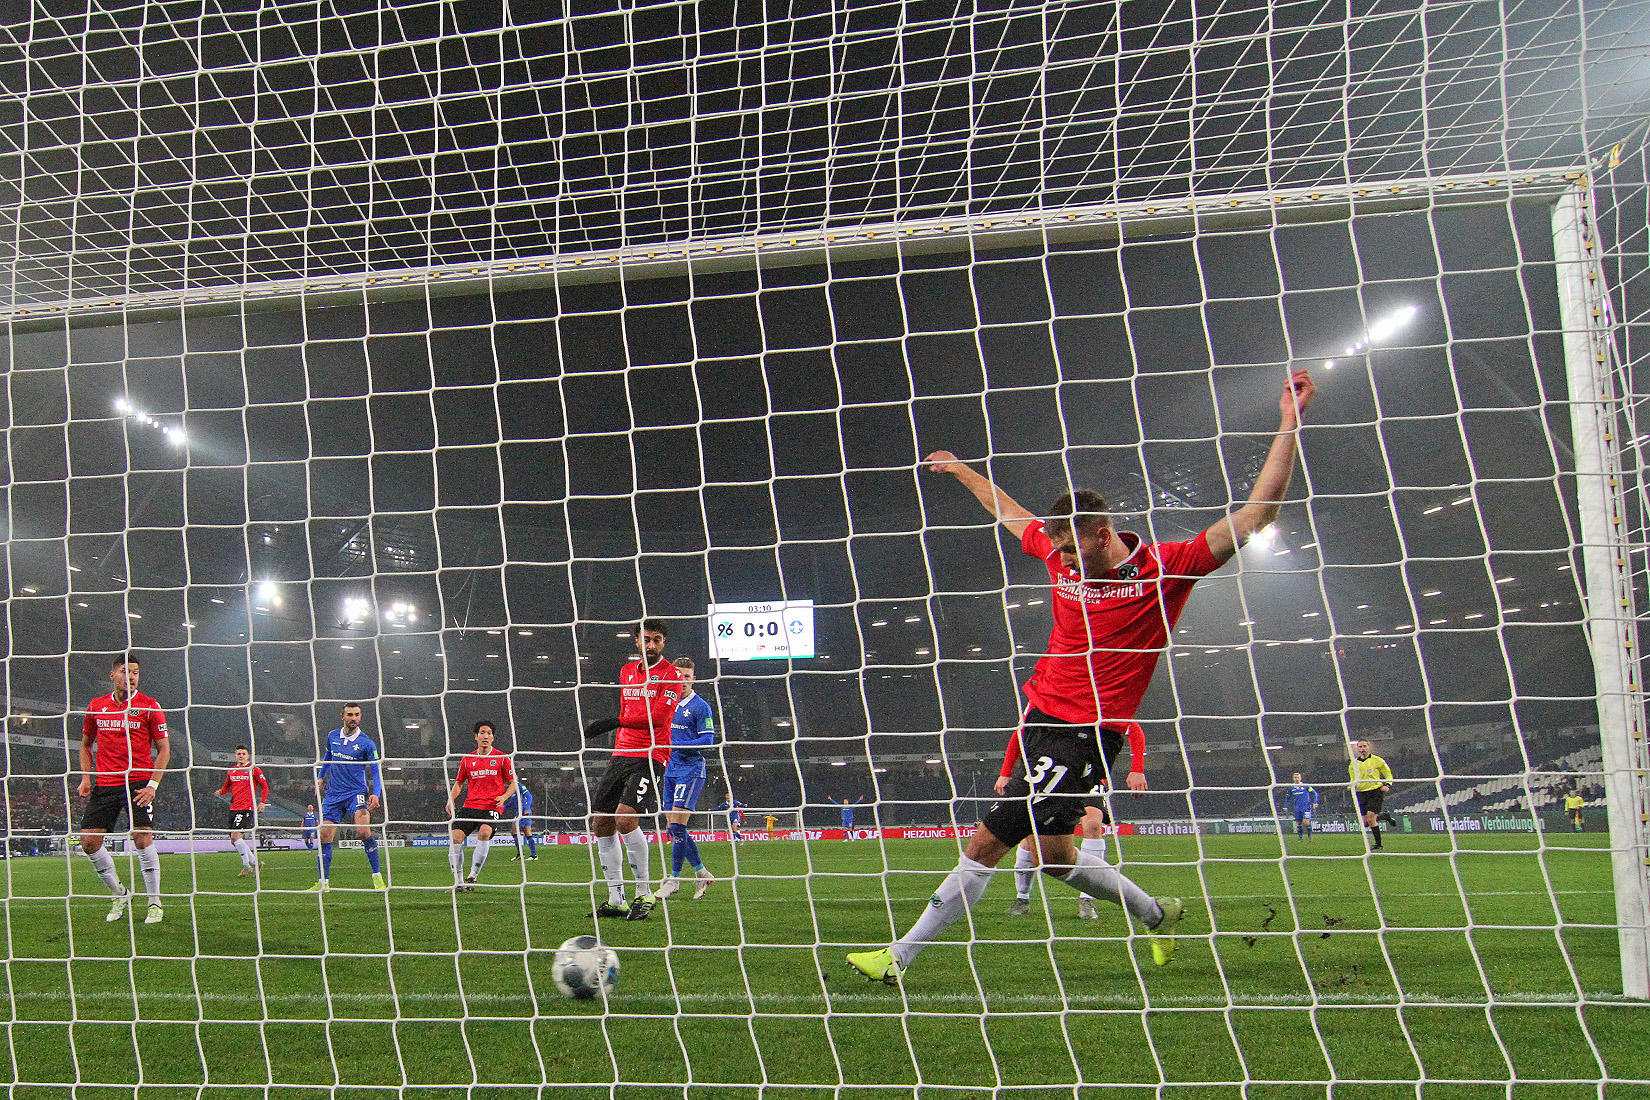 Impressionen vom Spiel gegen Hannover 96